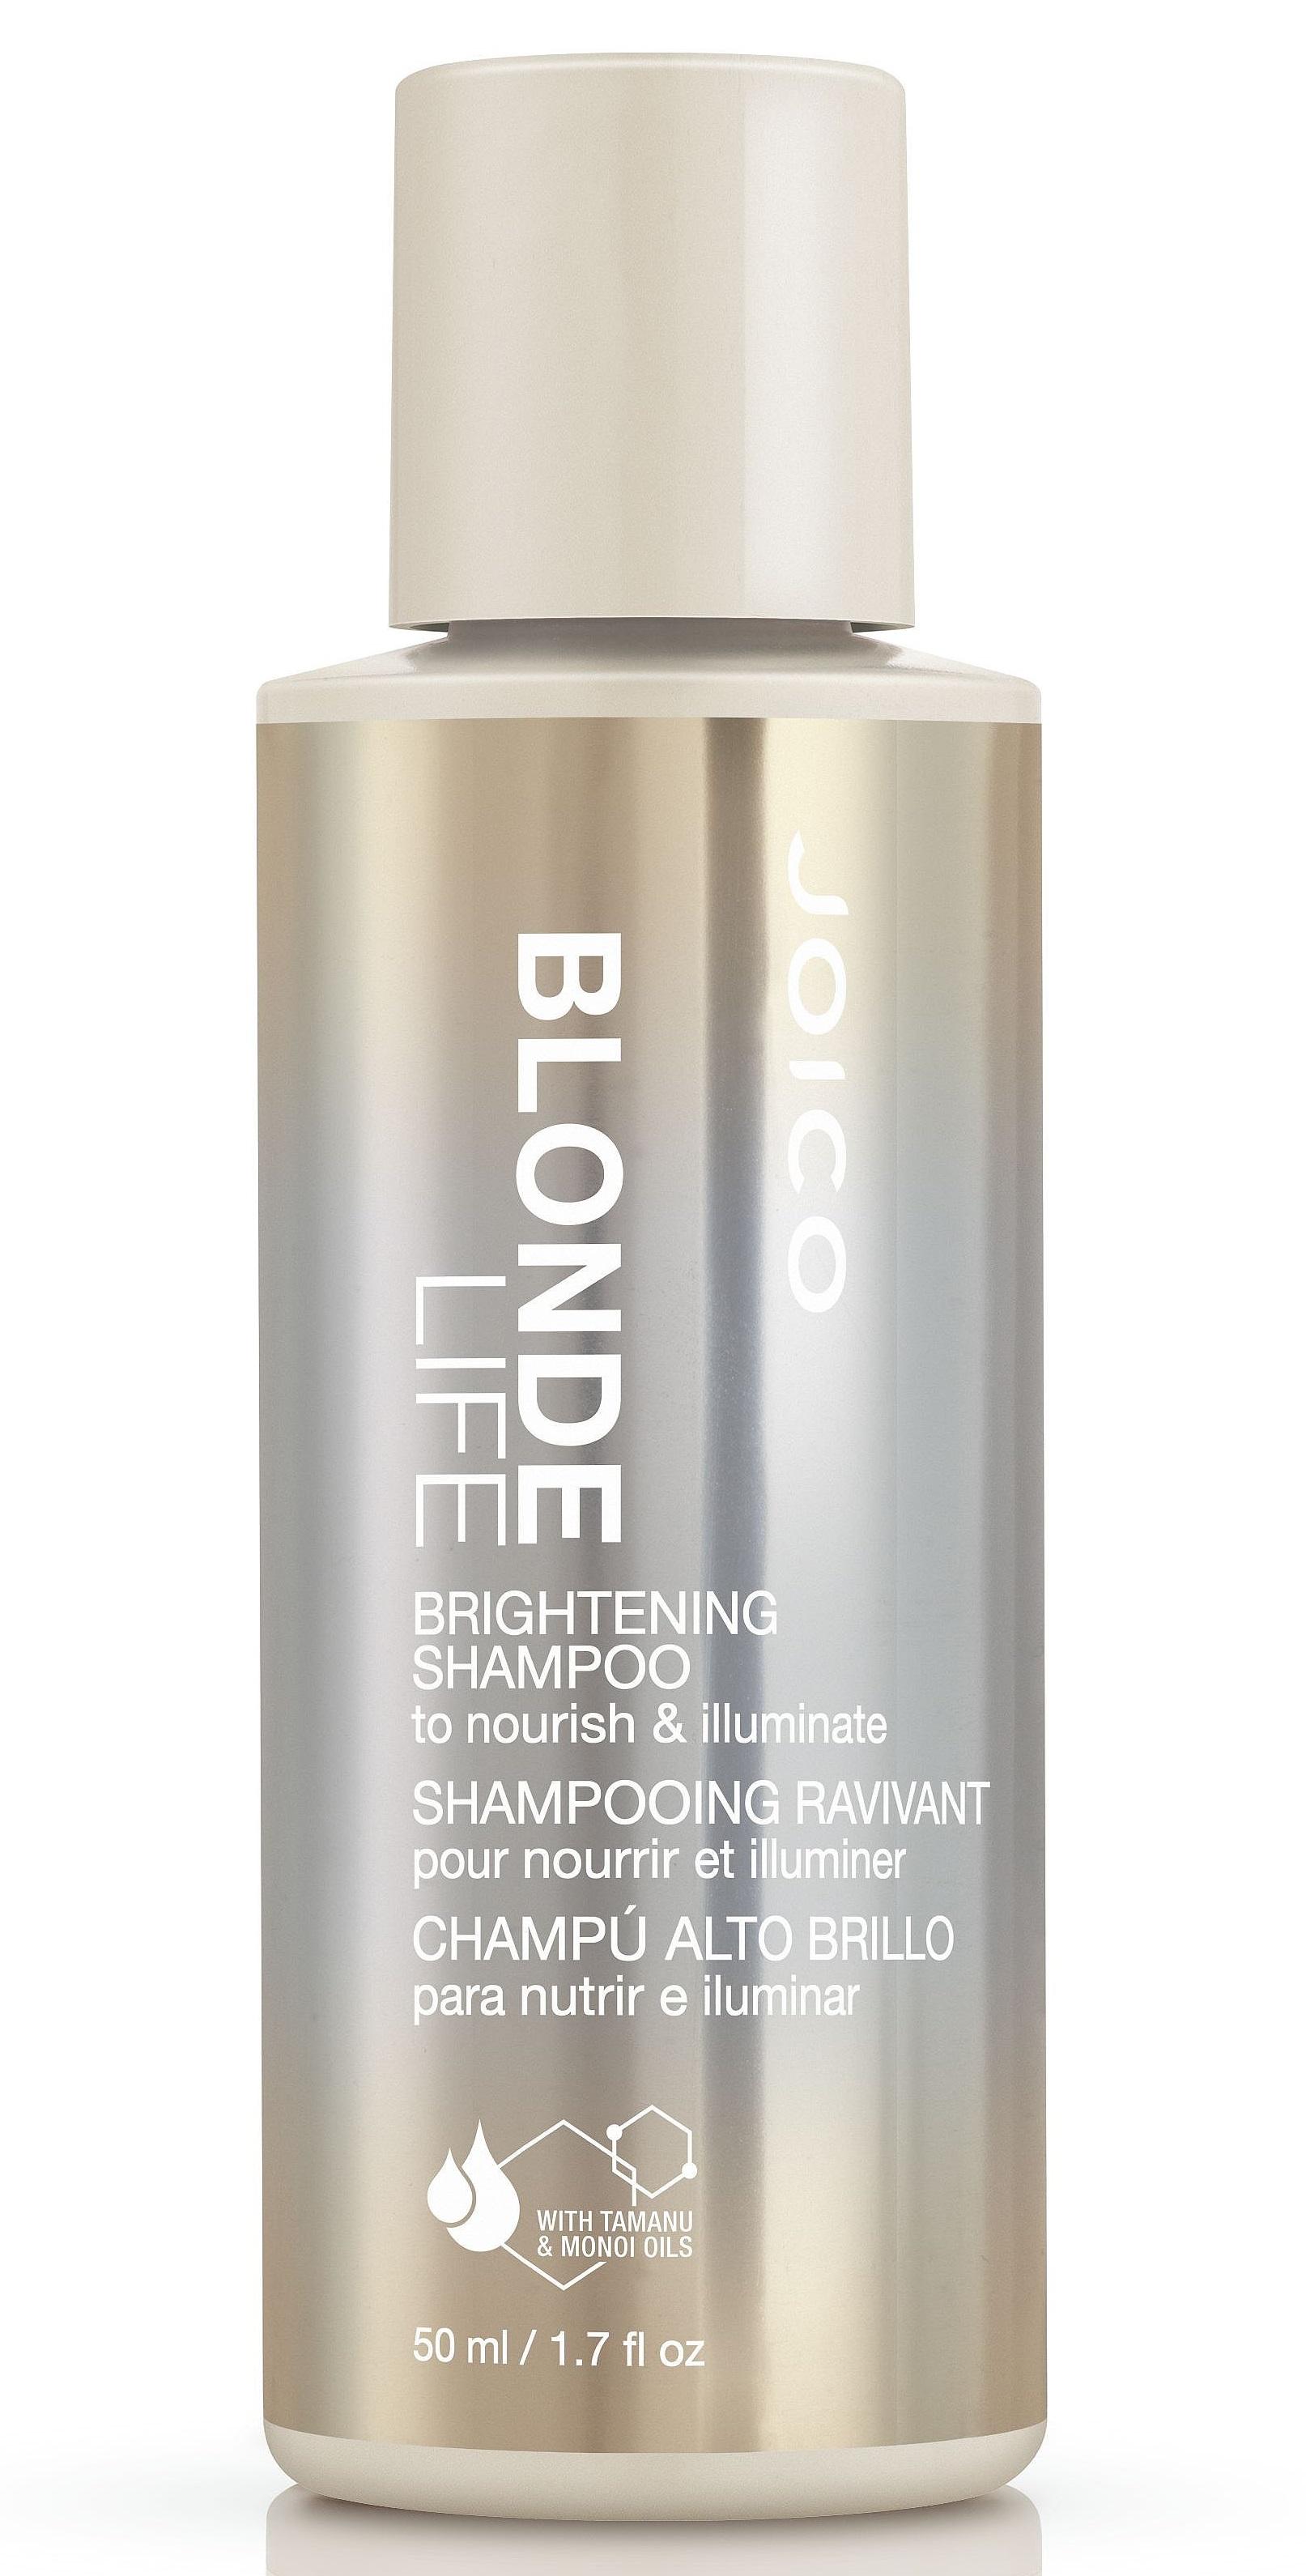 JOICO Шампунь Безупречный блонд для сохранения чистоты и сияния блонда / Blond Life JOICO 50 мл